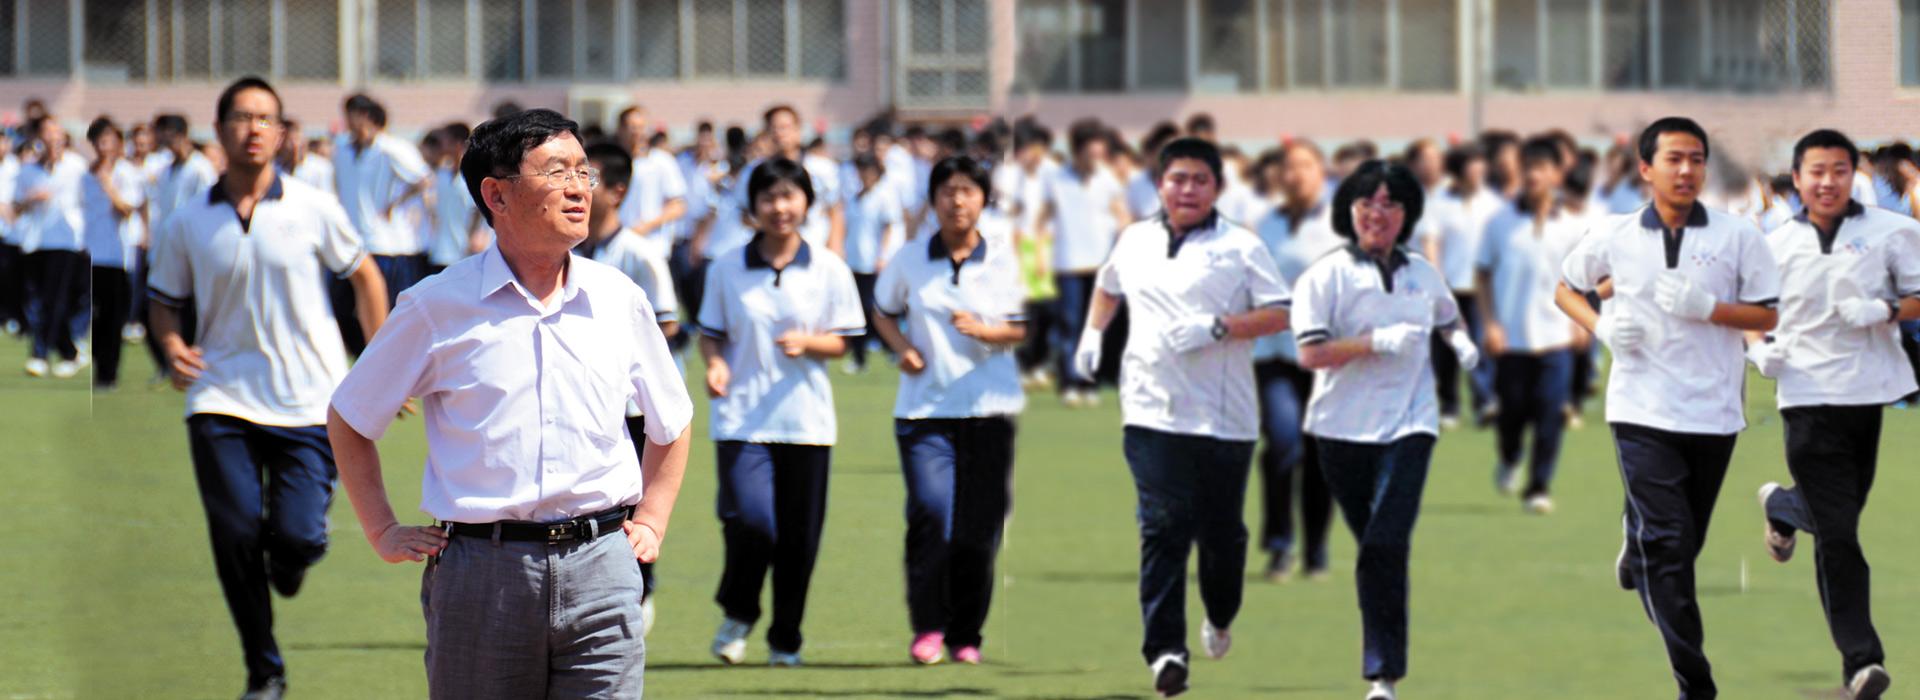 为中华民族培育英才<br />为学生终身幸福奠基